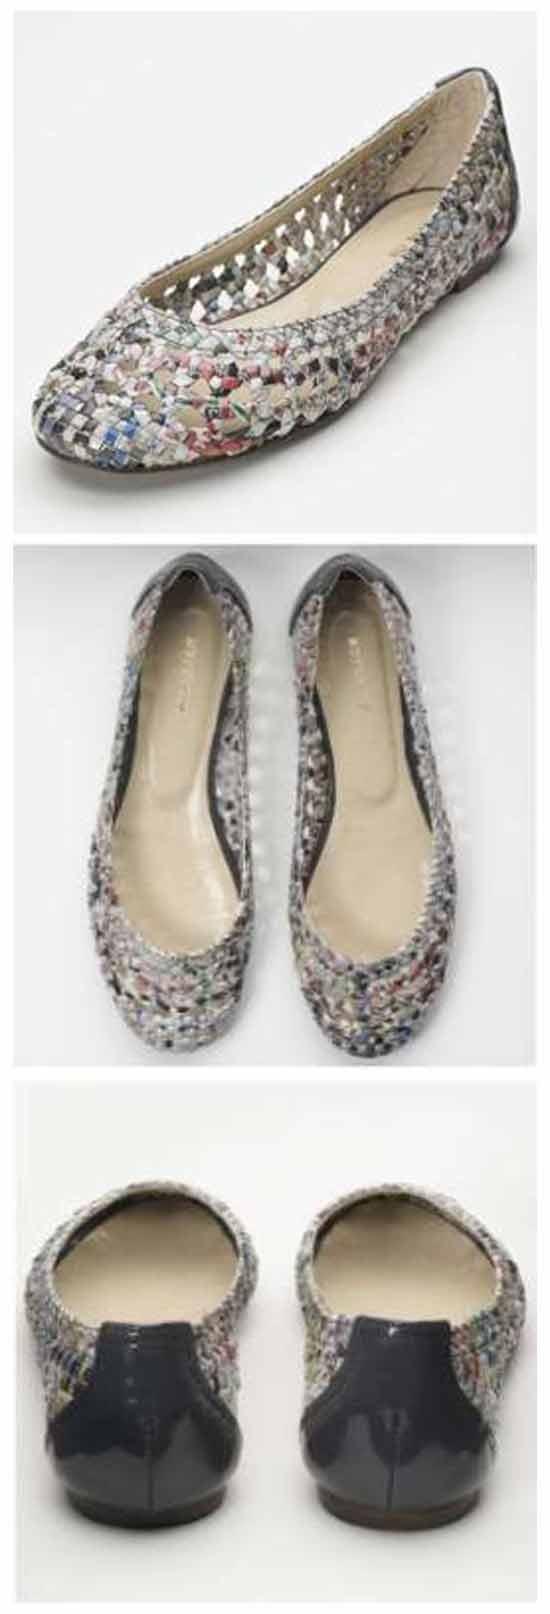 оригинаяльная обувная идея бизнеса: Туфли из газеты